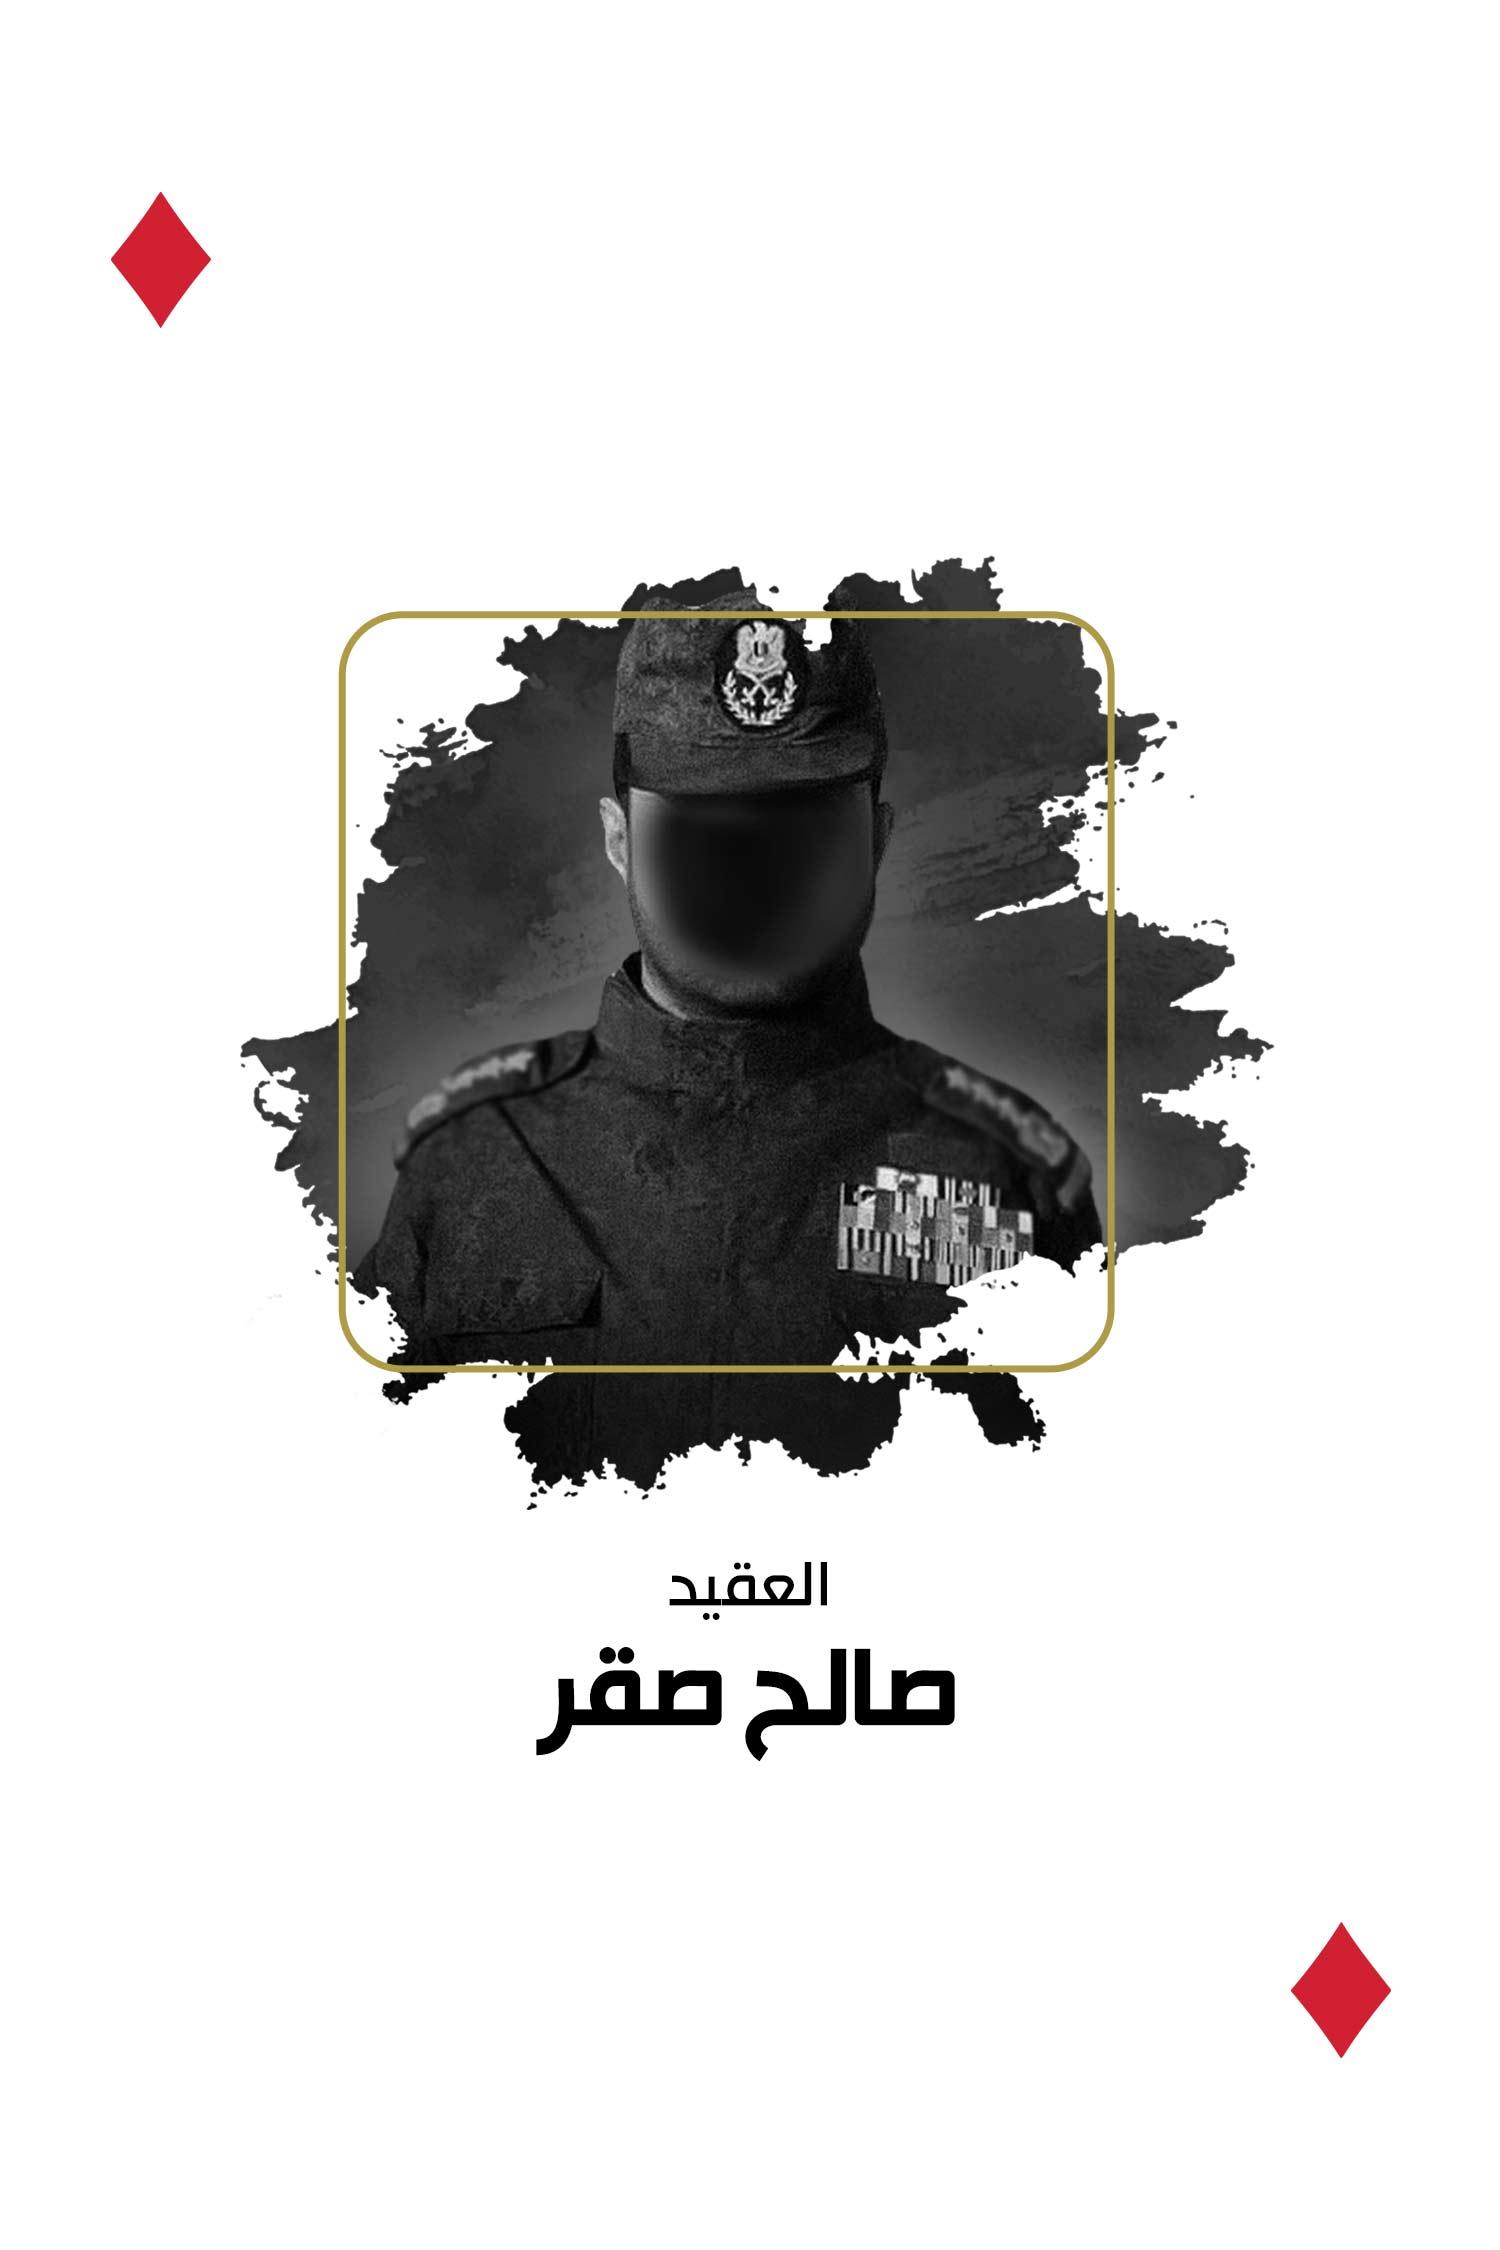 مع العدالة - صالح صقر